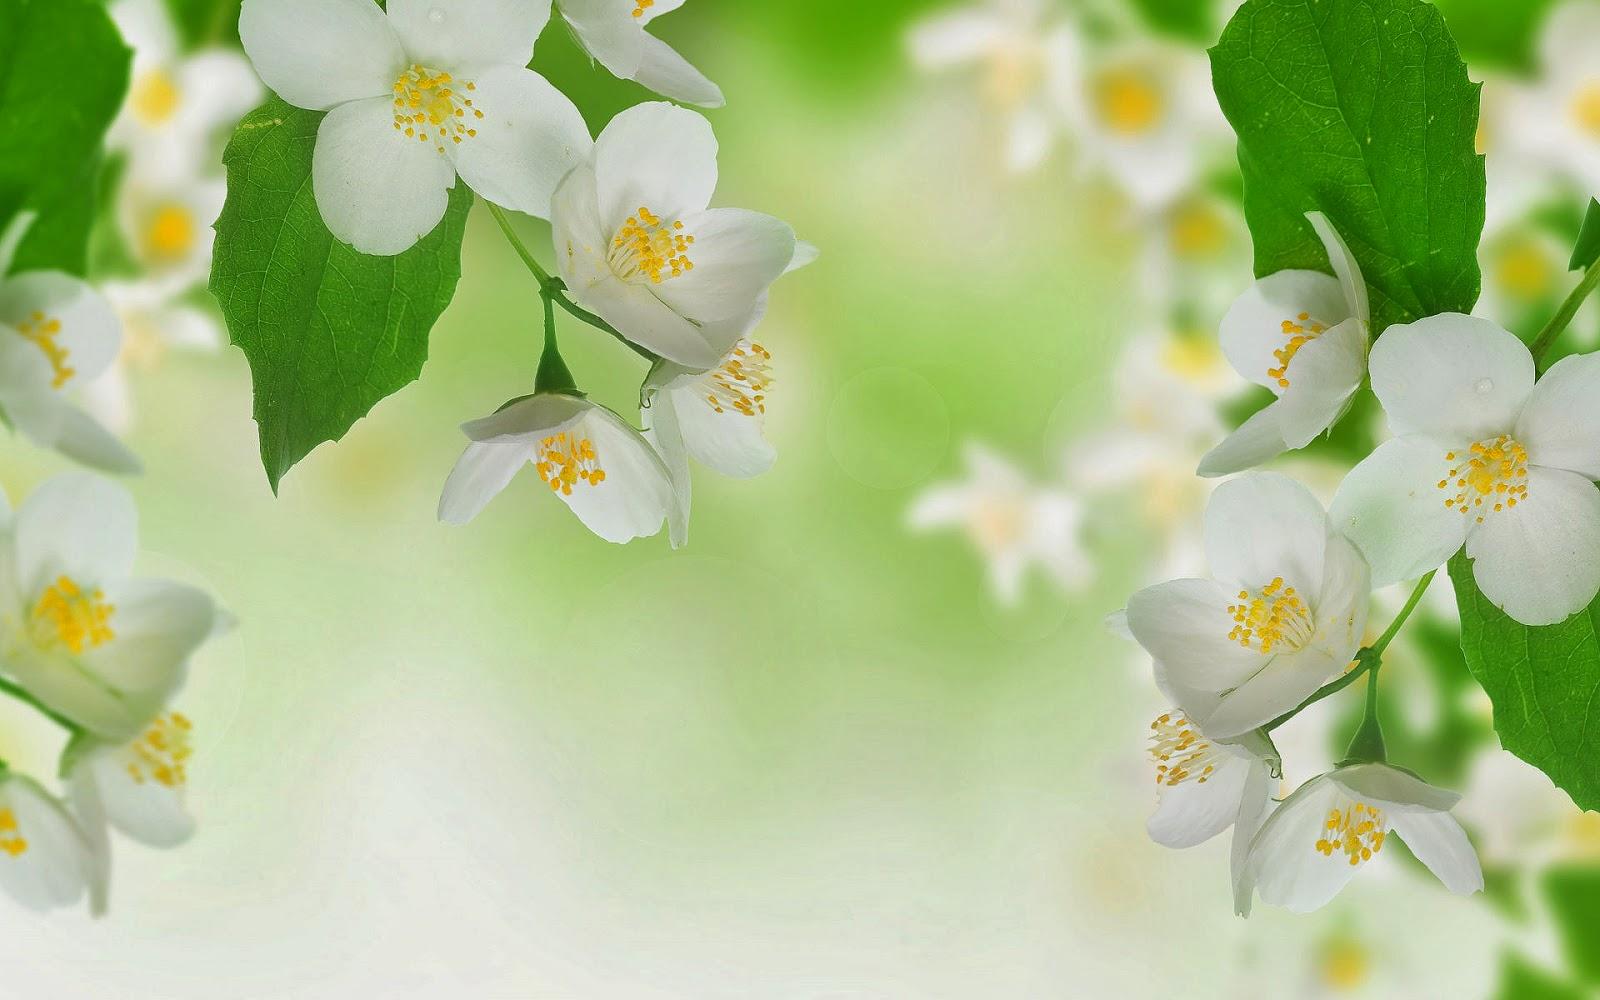 lente achtergronden hd - photo #33